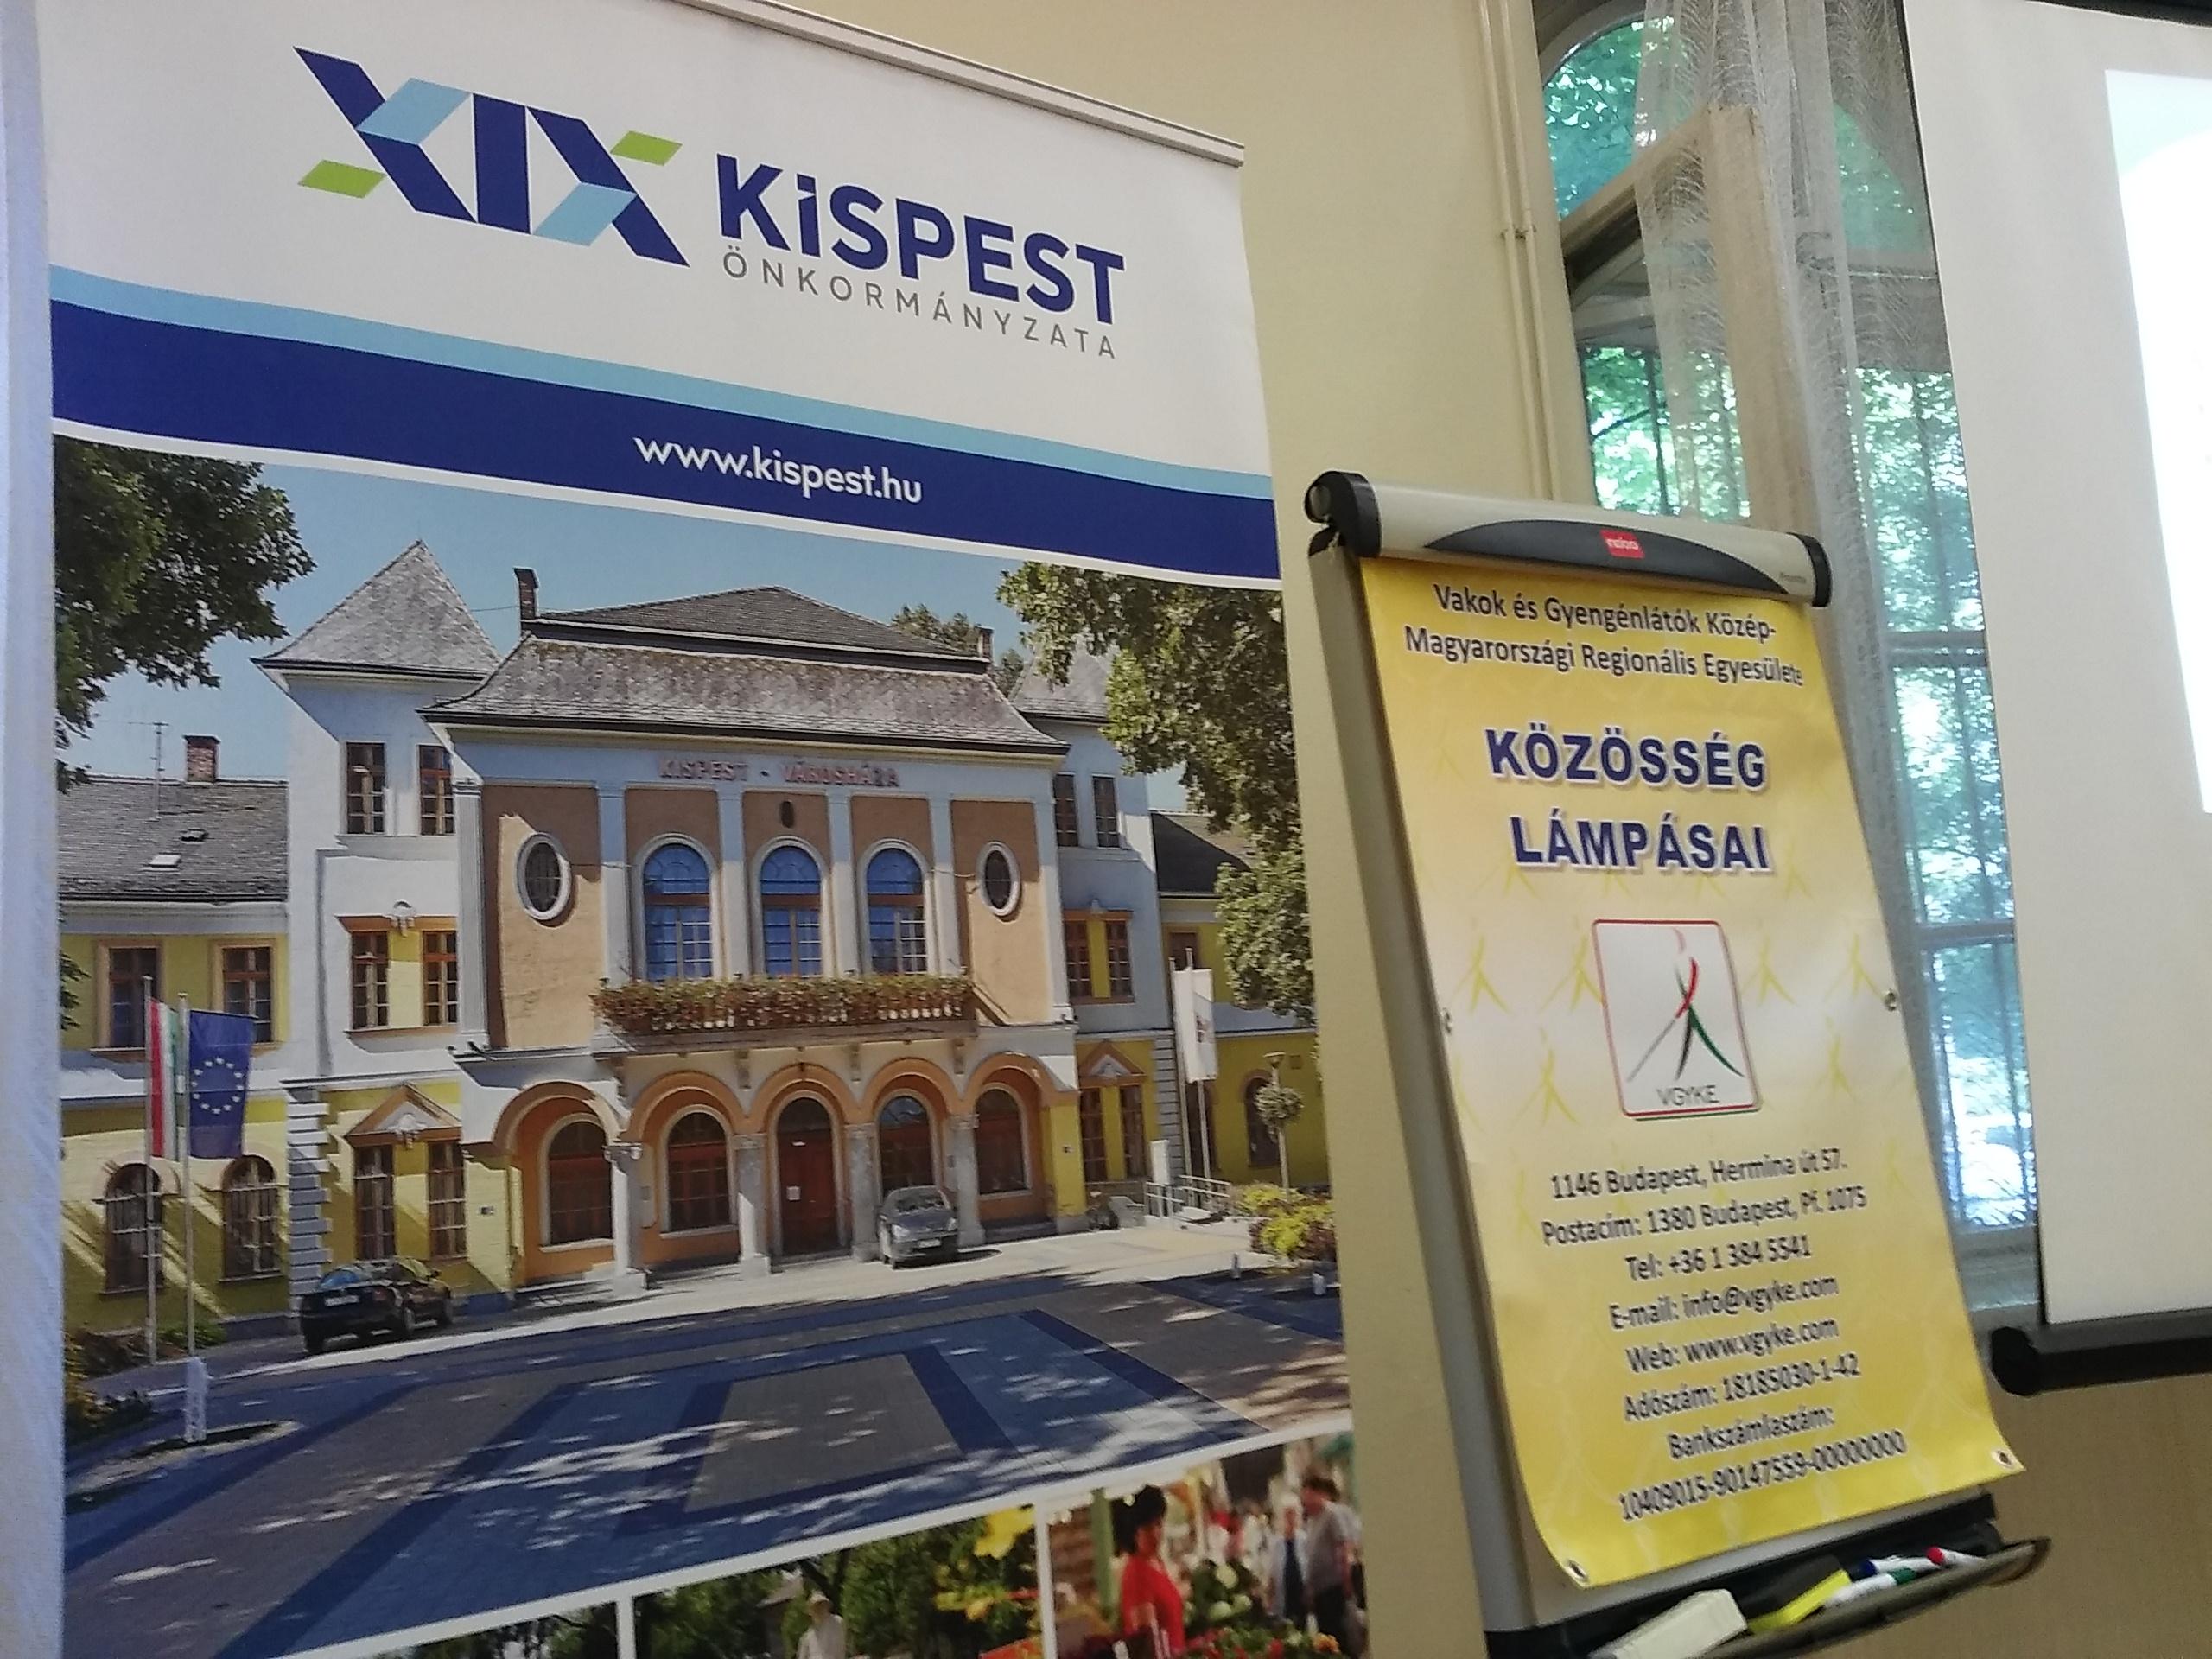 A képen két molinó látható, melyen Kispest önkormányzata és a kerületi klub adatai olvashatóak